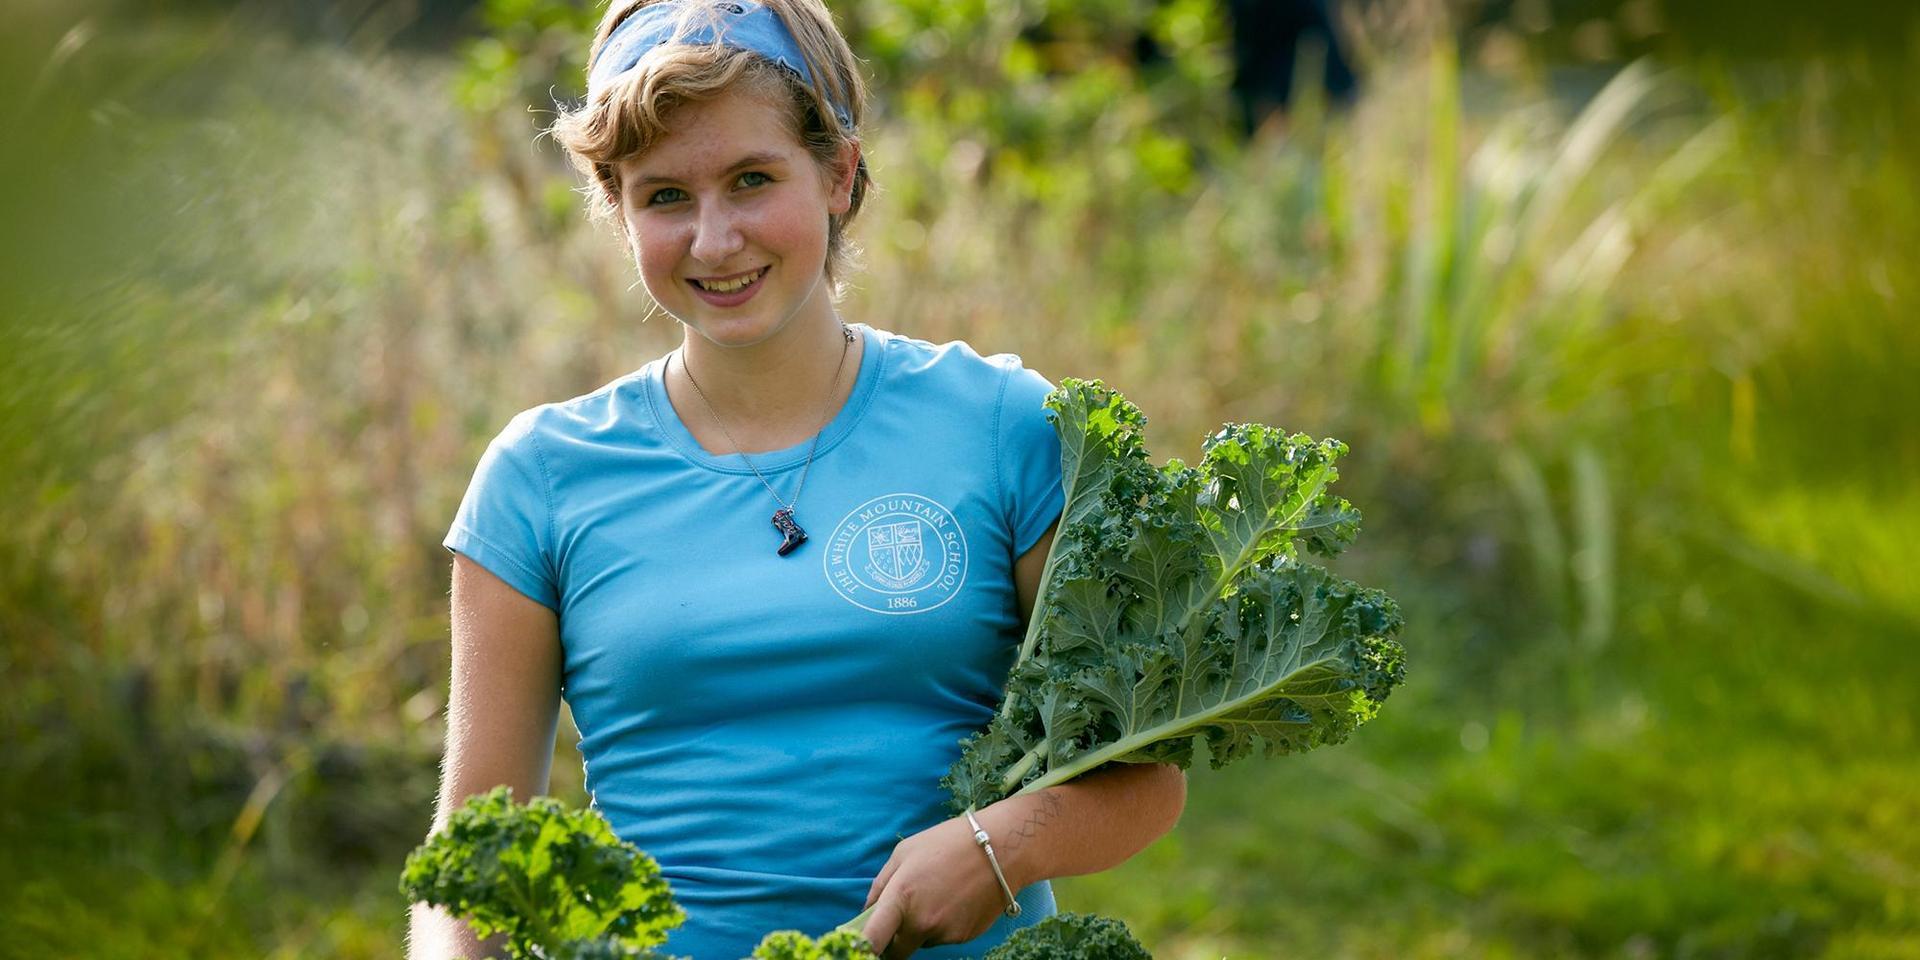 一个学生拿着刚收获的绿叶蔬菜.